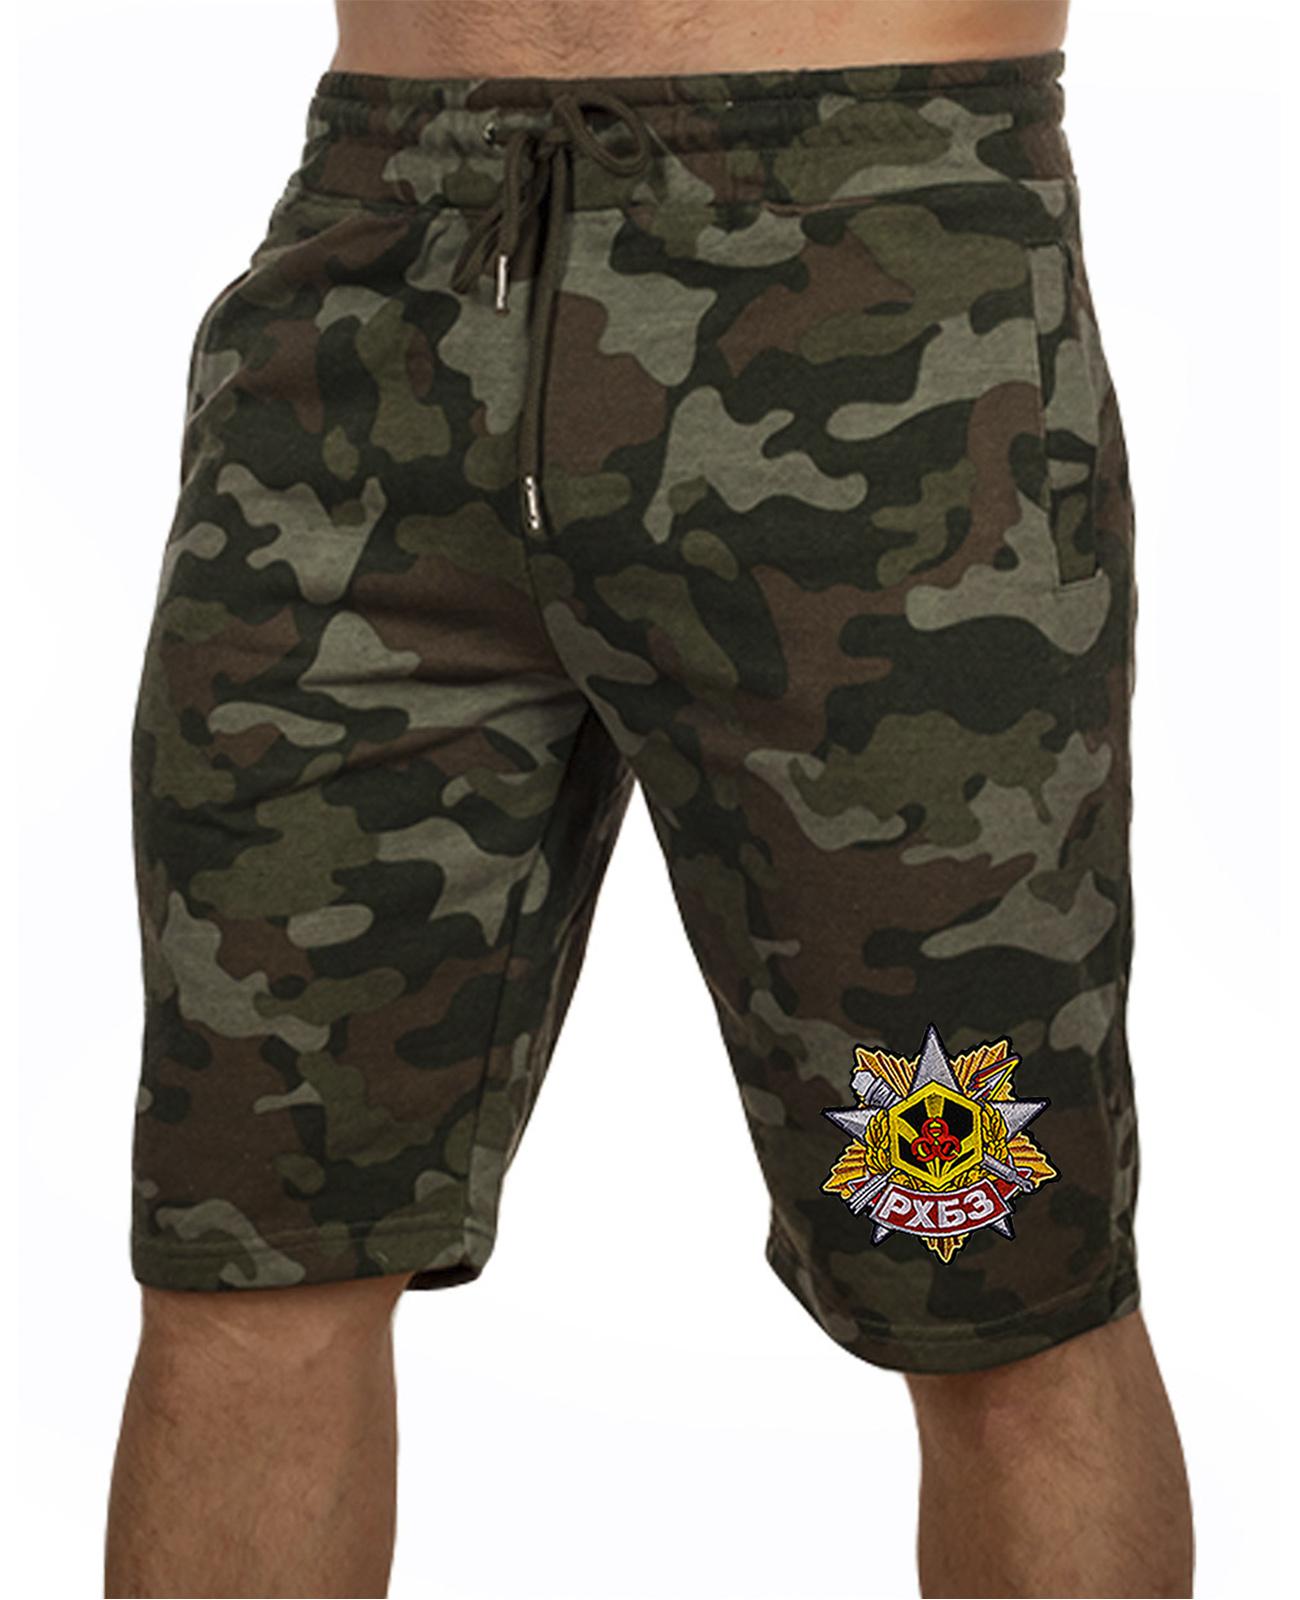 Купить модные камуфляжные шорты с нашивкой РХБЗ с доставкой онлайн